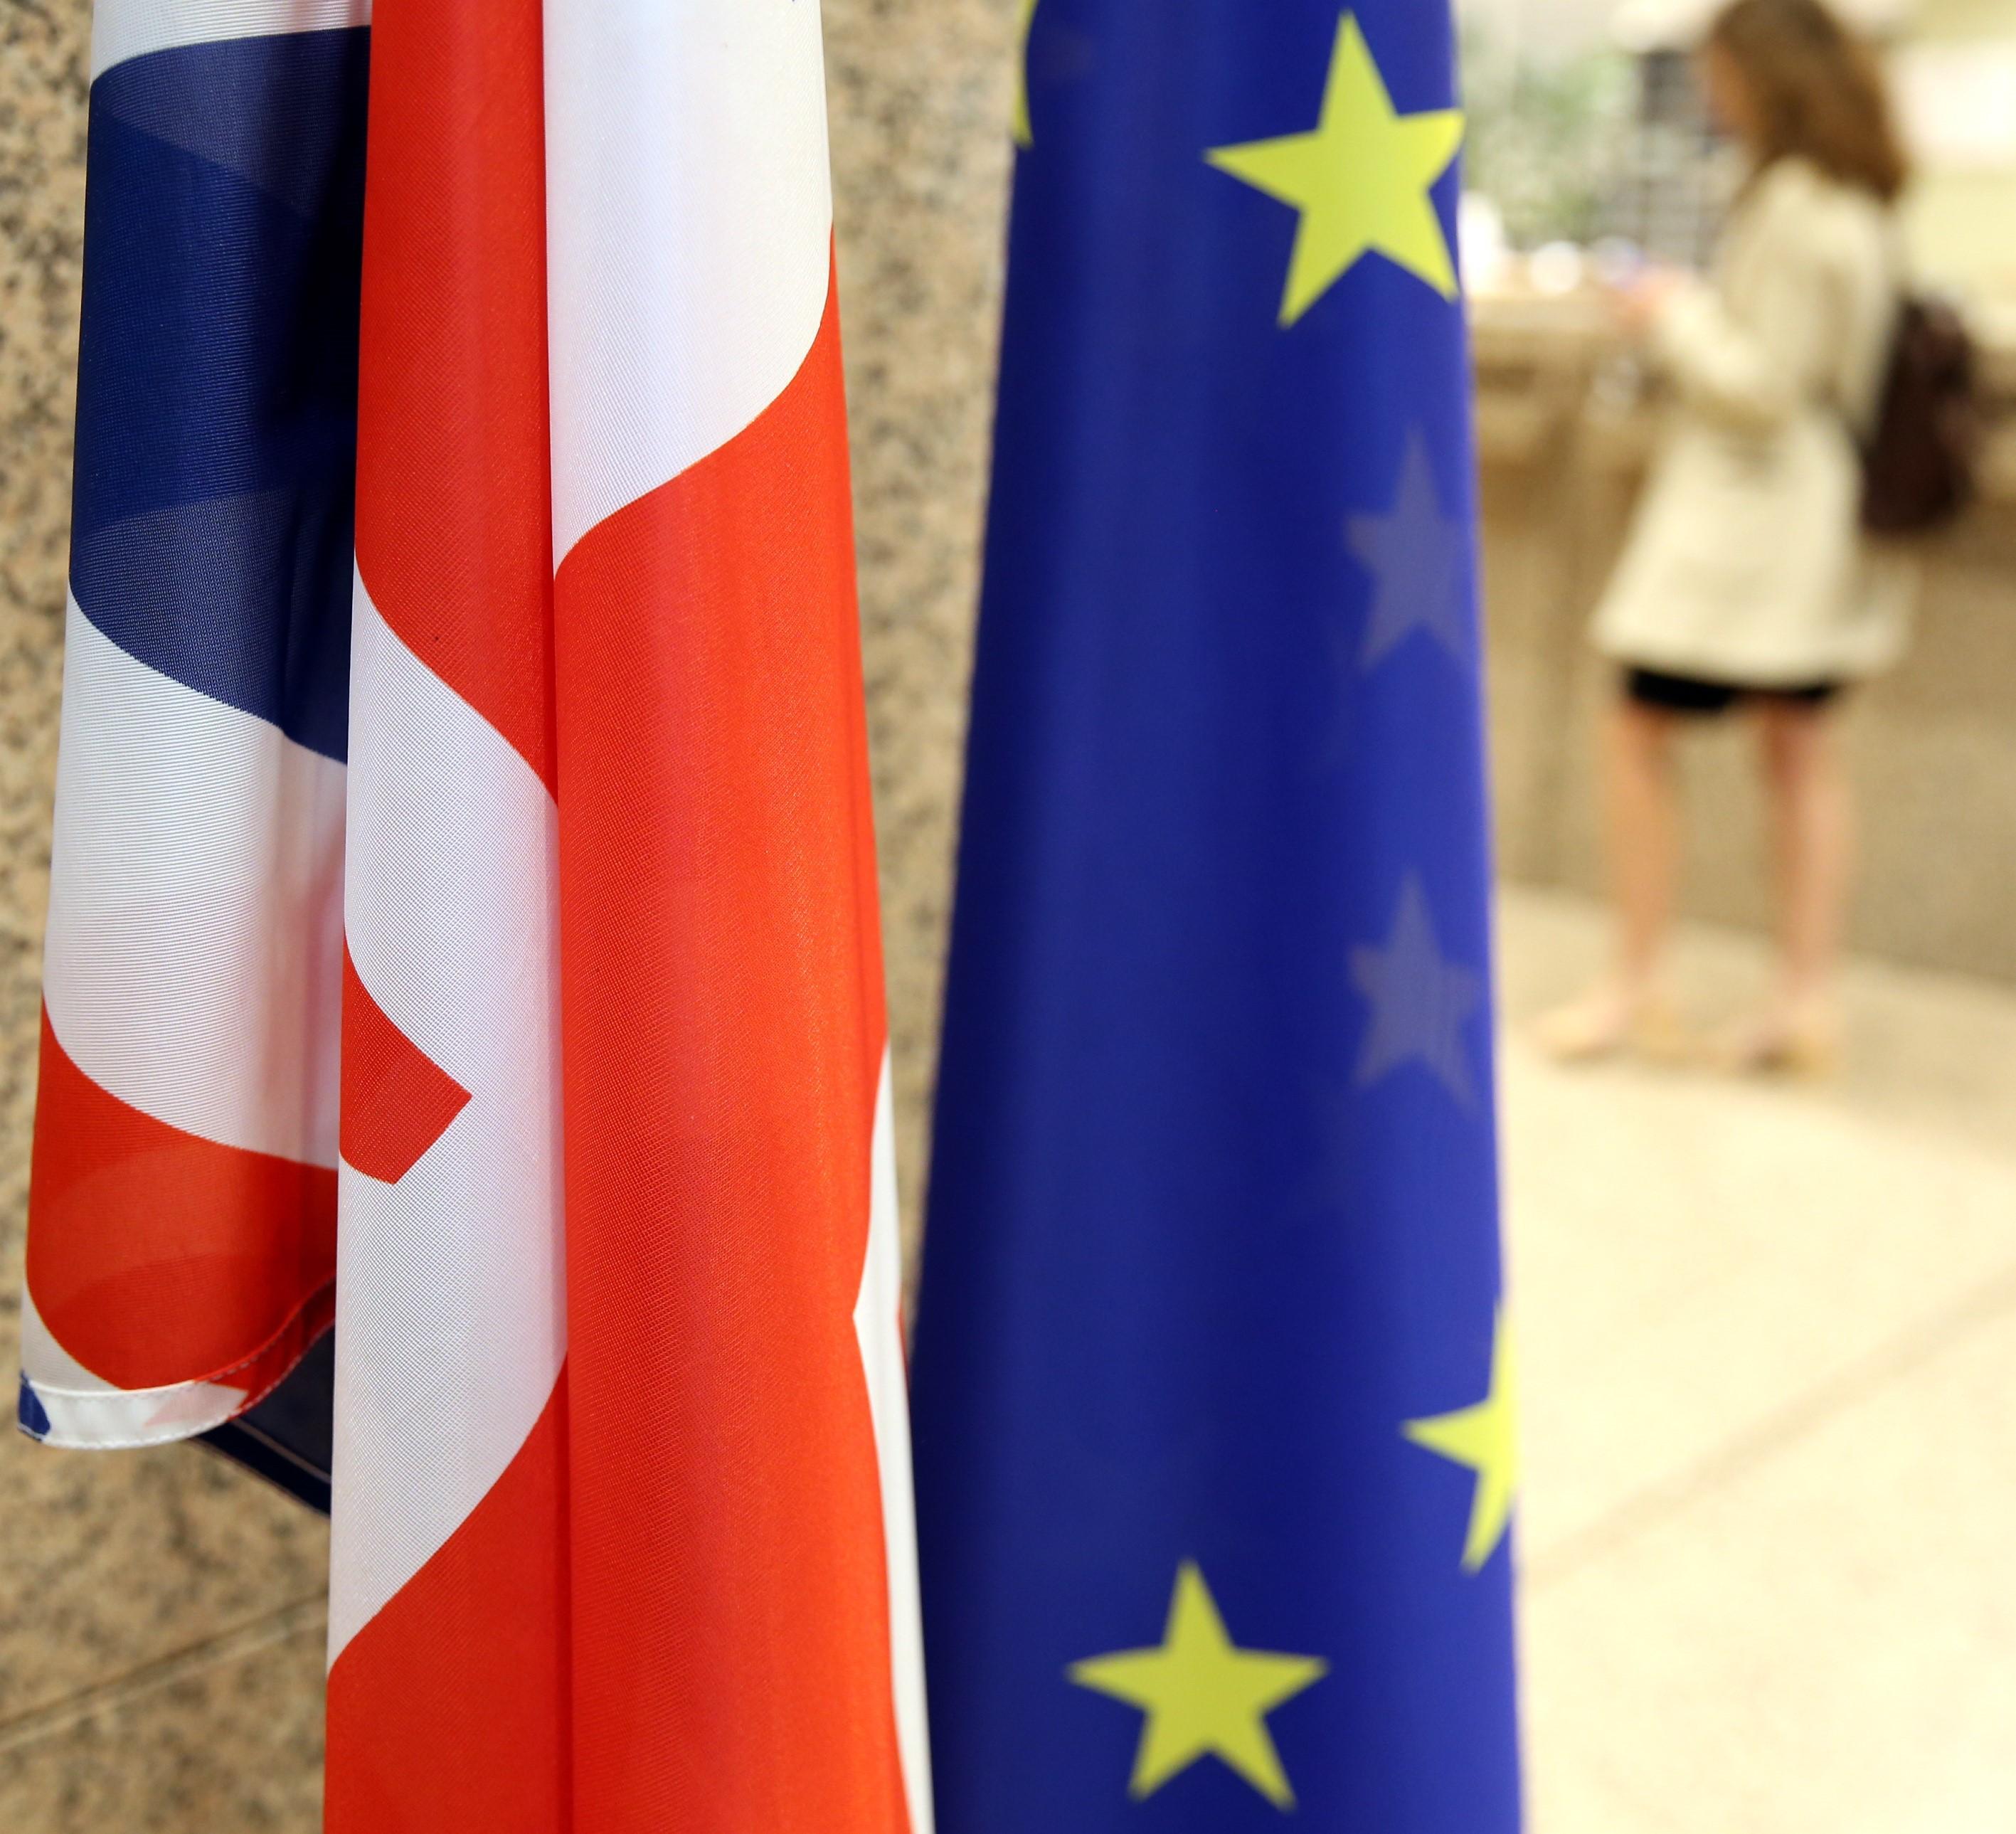 Finlanda şi Austria denunţă atitudinea Marii Britanii în negocierile pe tema Brexit